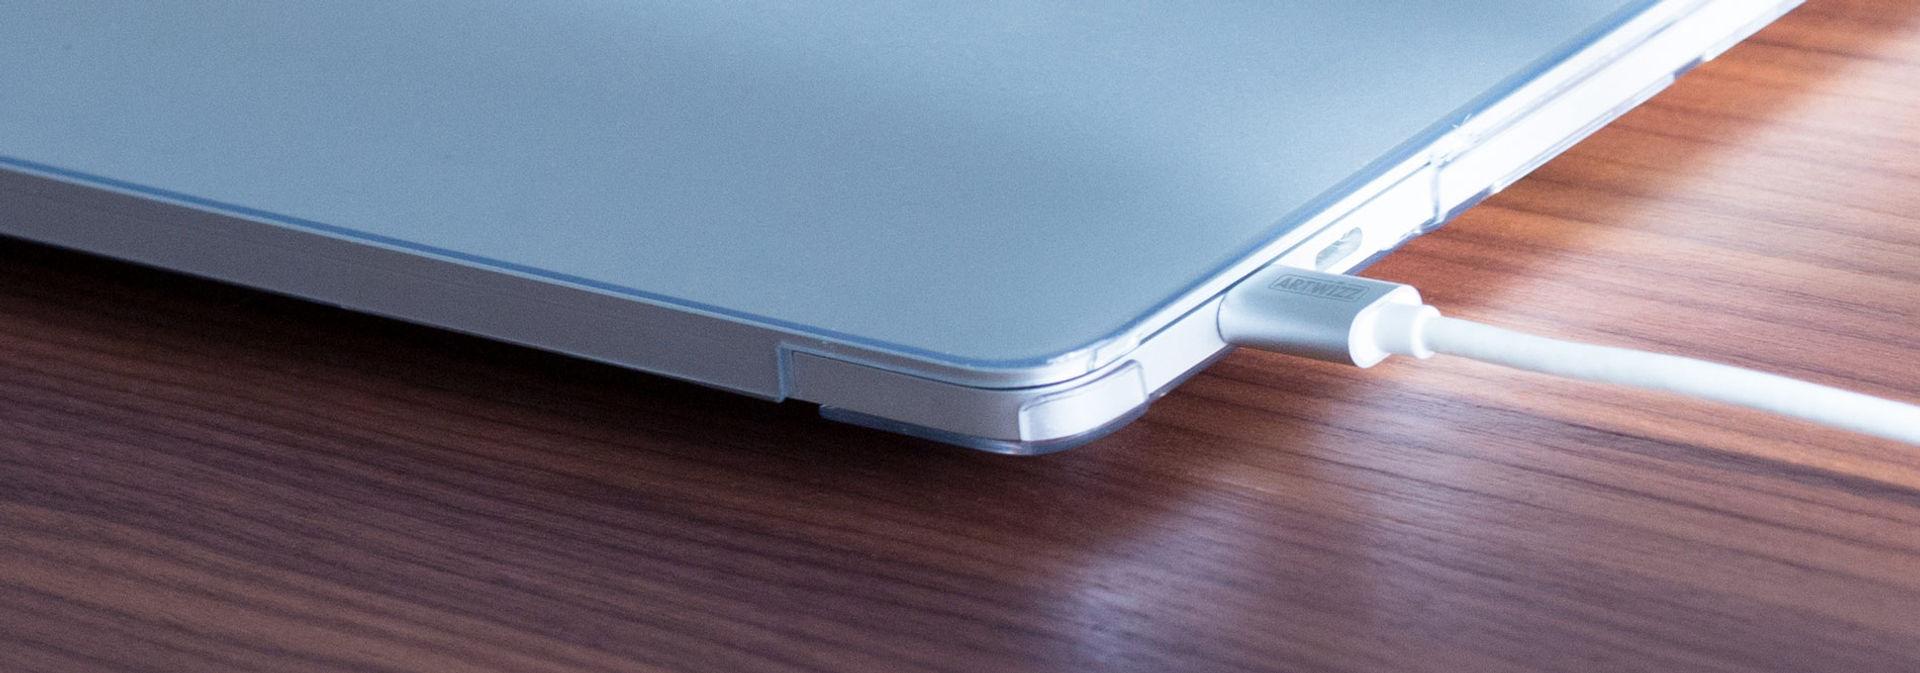 Notebooks und Smartphones mit USB-C-Anschluss aufladen